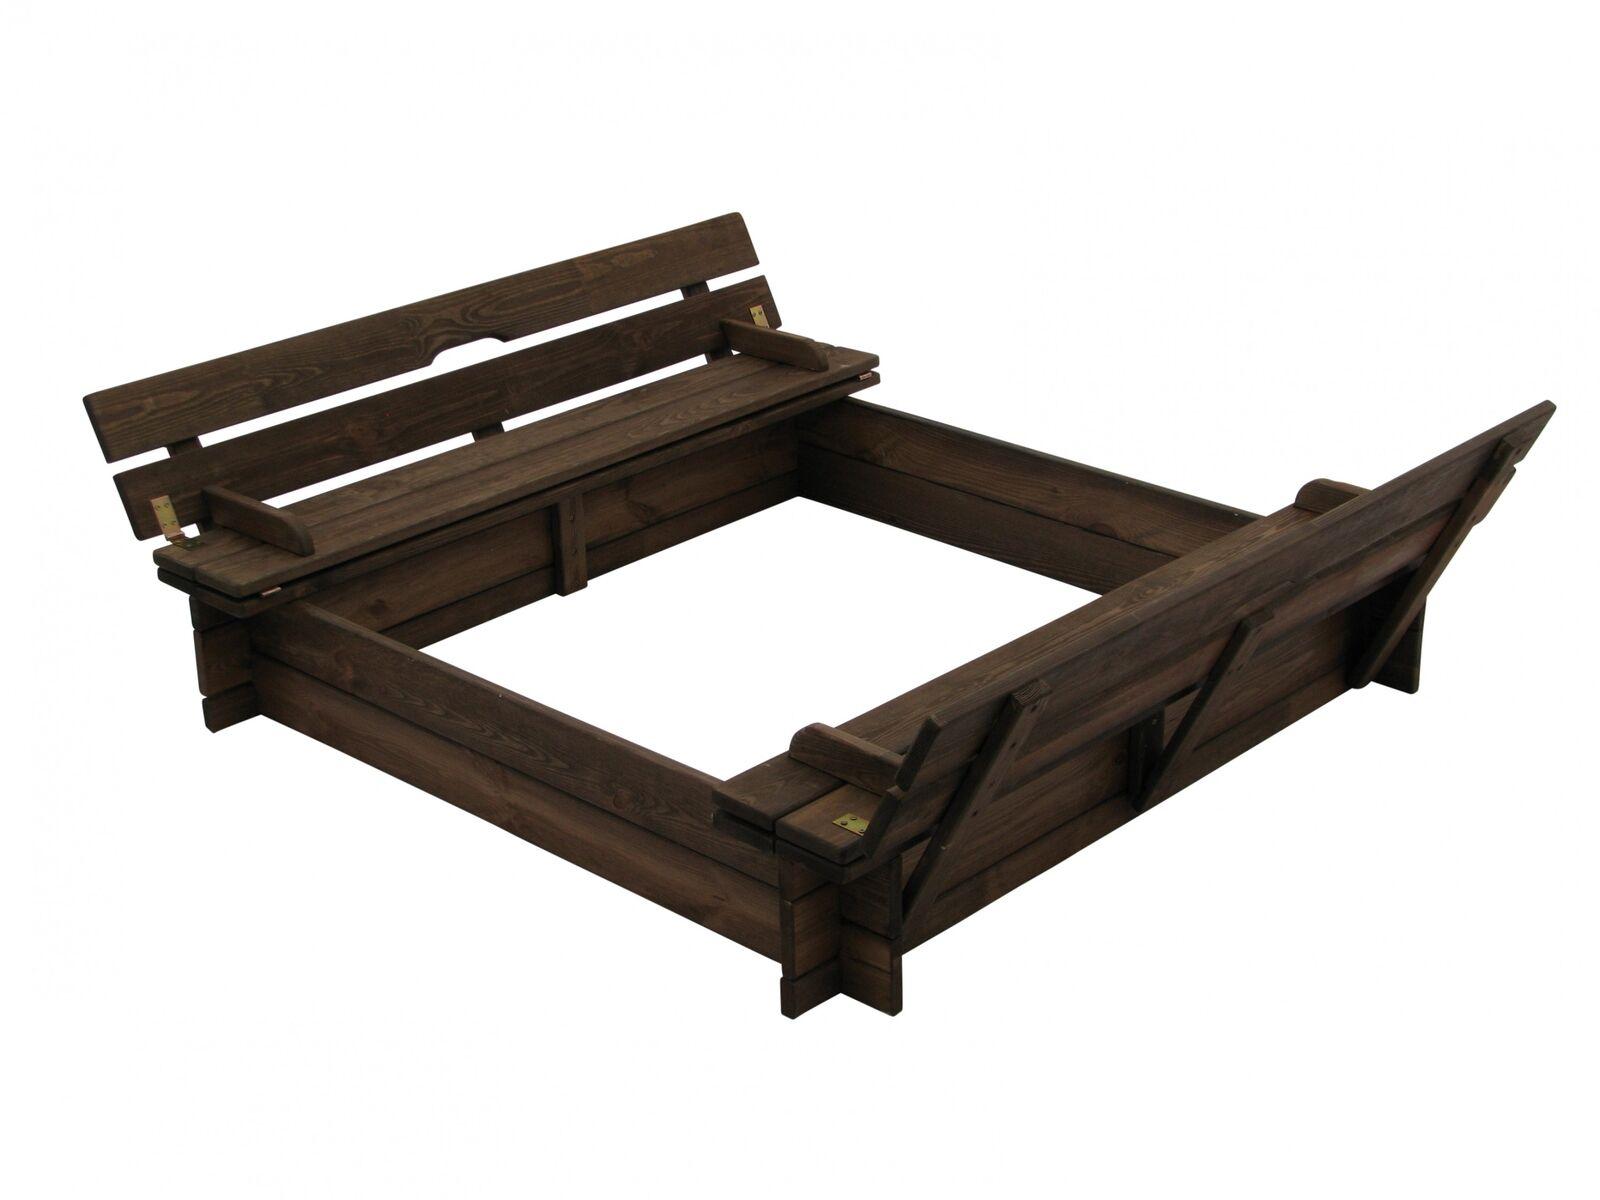 Sandkasten aus Holz mit Deckel und Bänken B118 x T118 x H120 cm